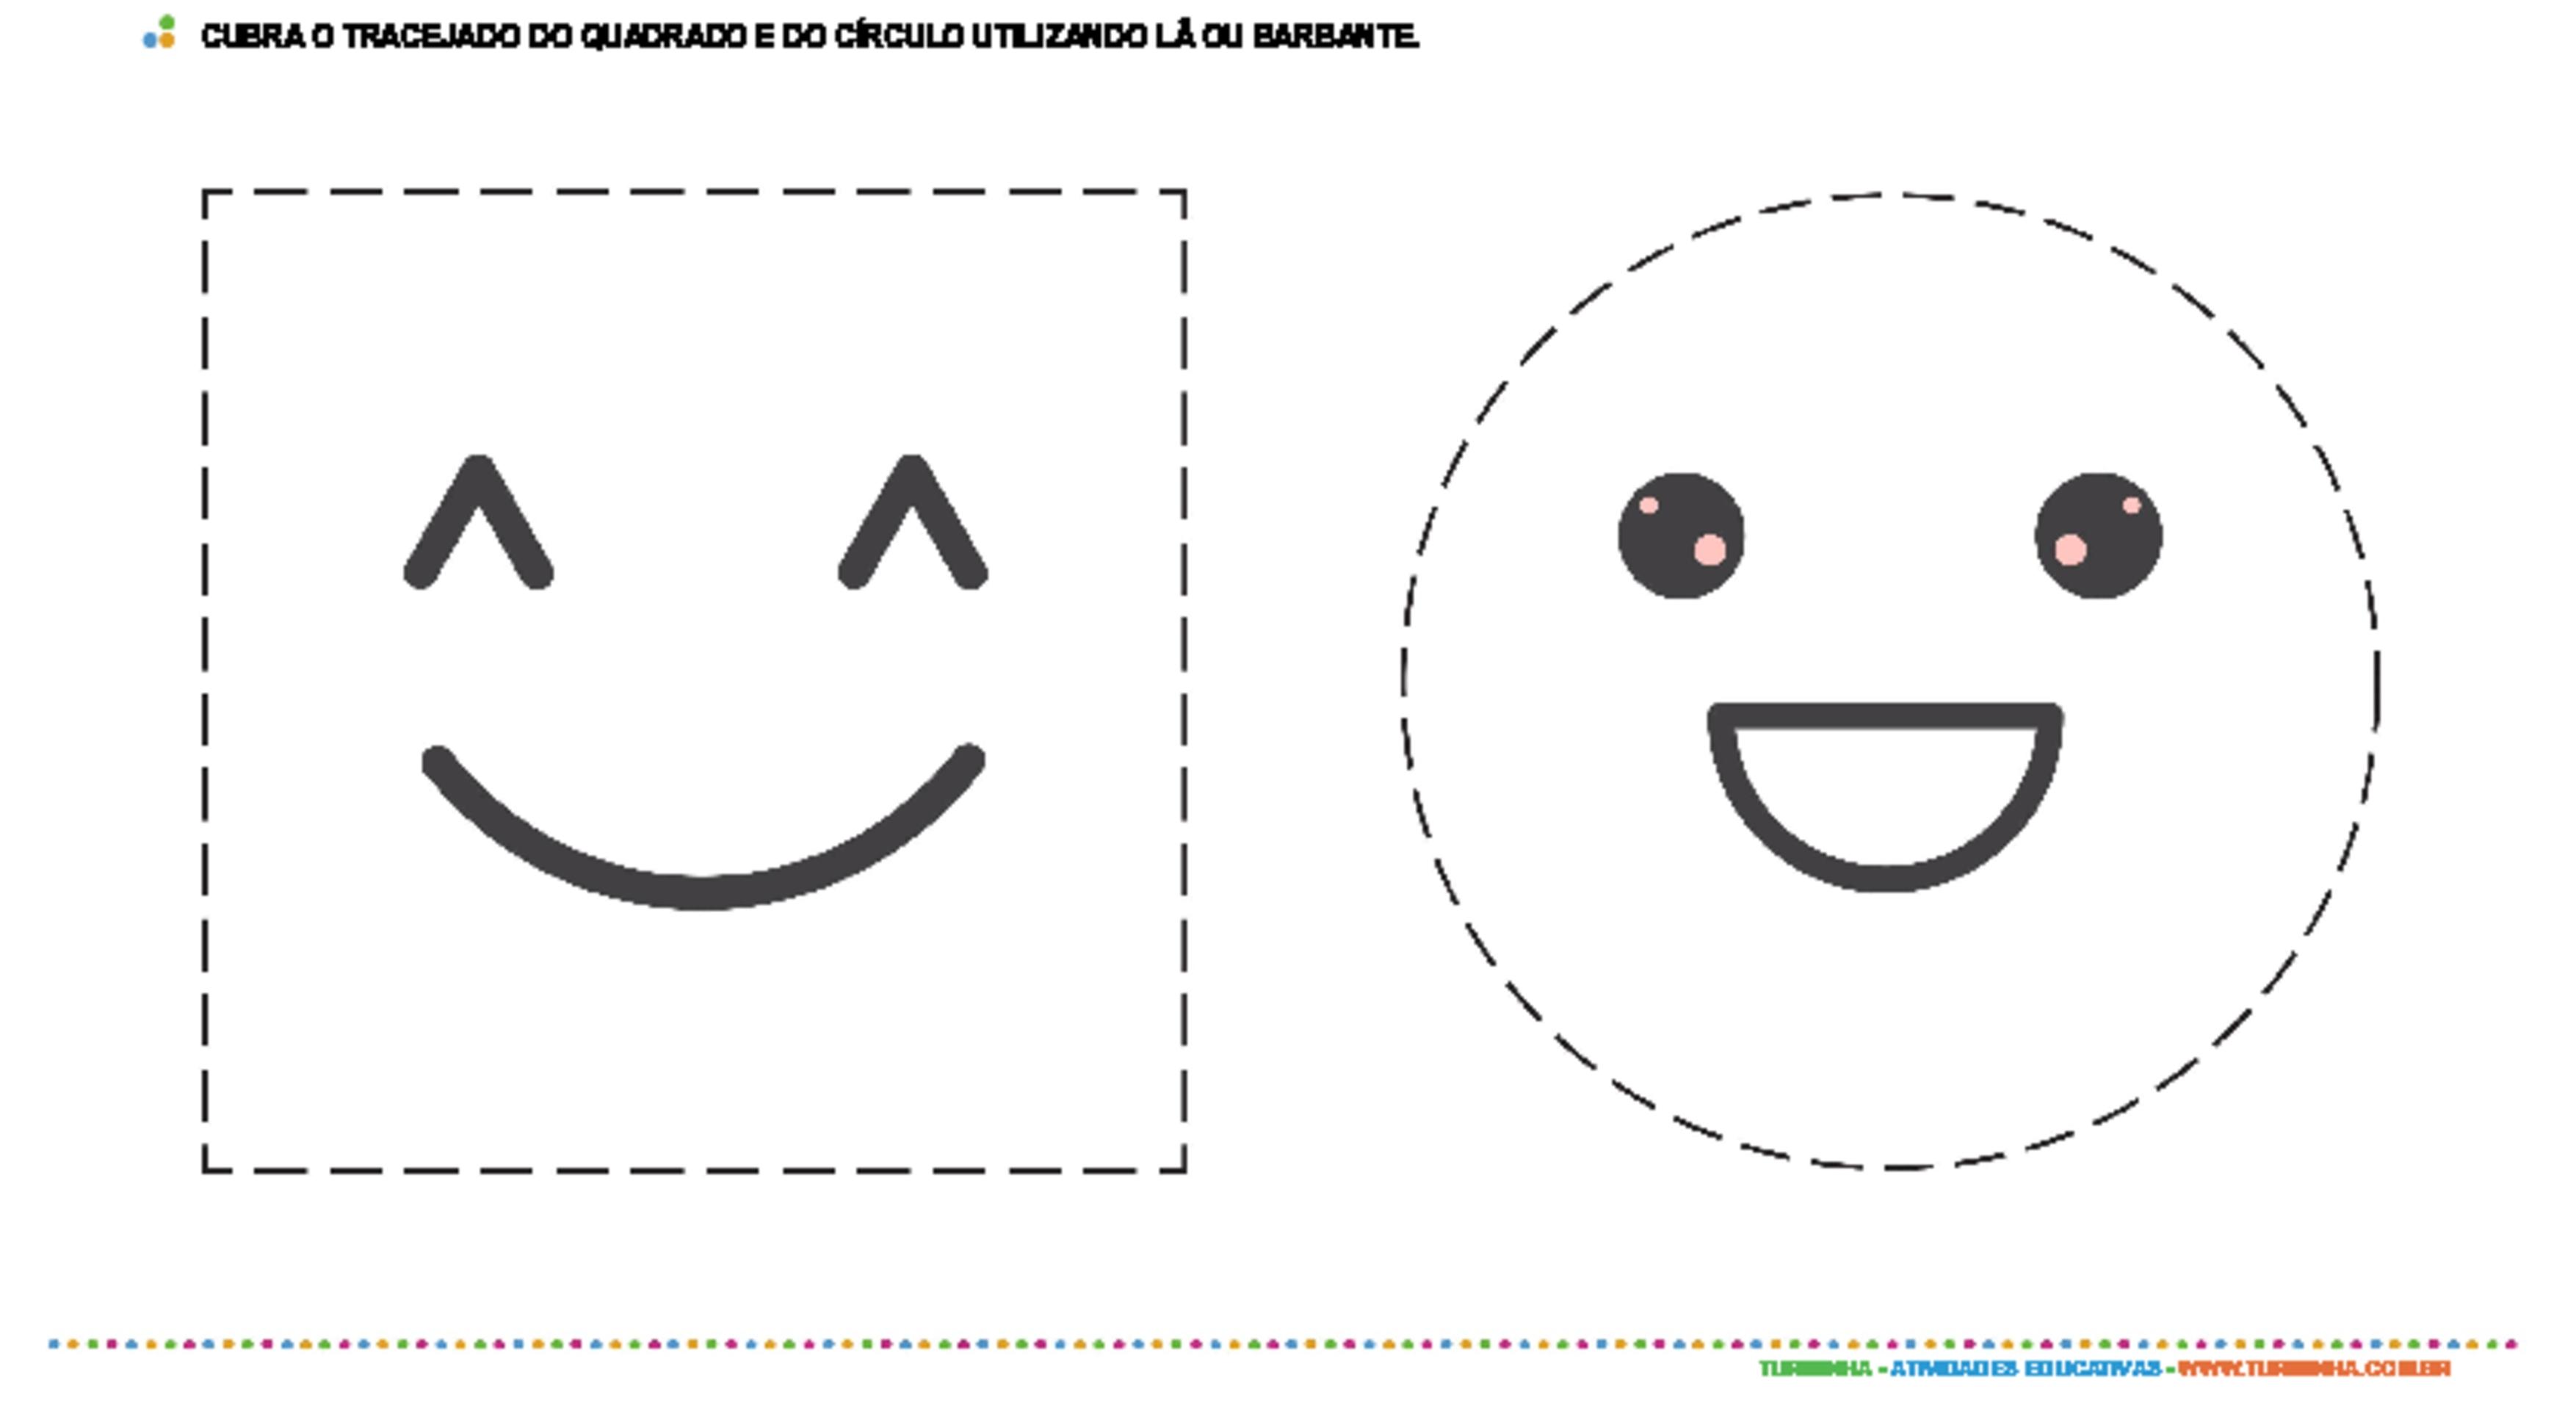 Colagem com barbante - quadrado e círculo - atividade educativa para Creche (0 a 3 anos)